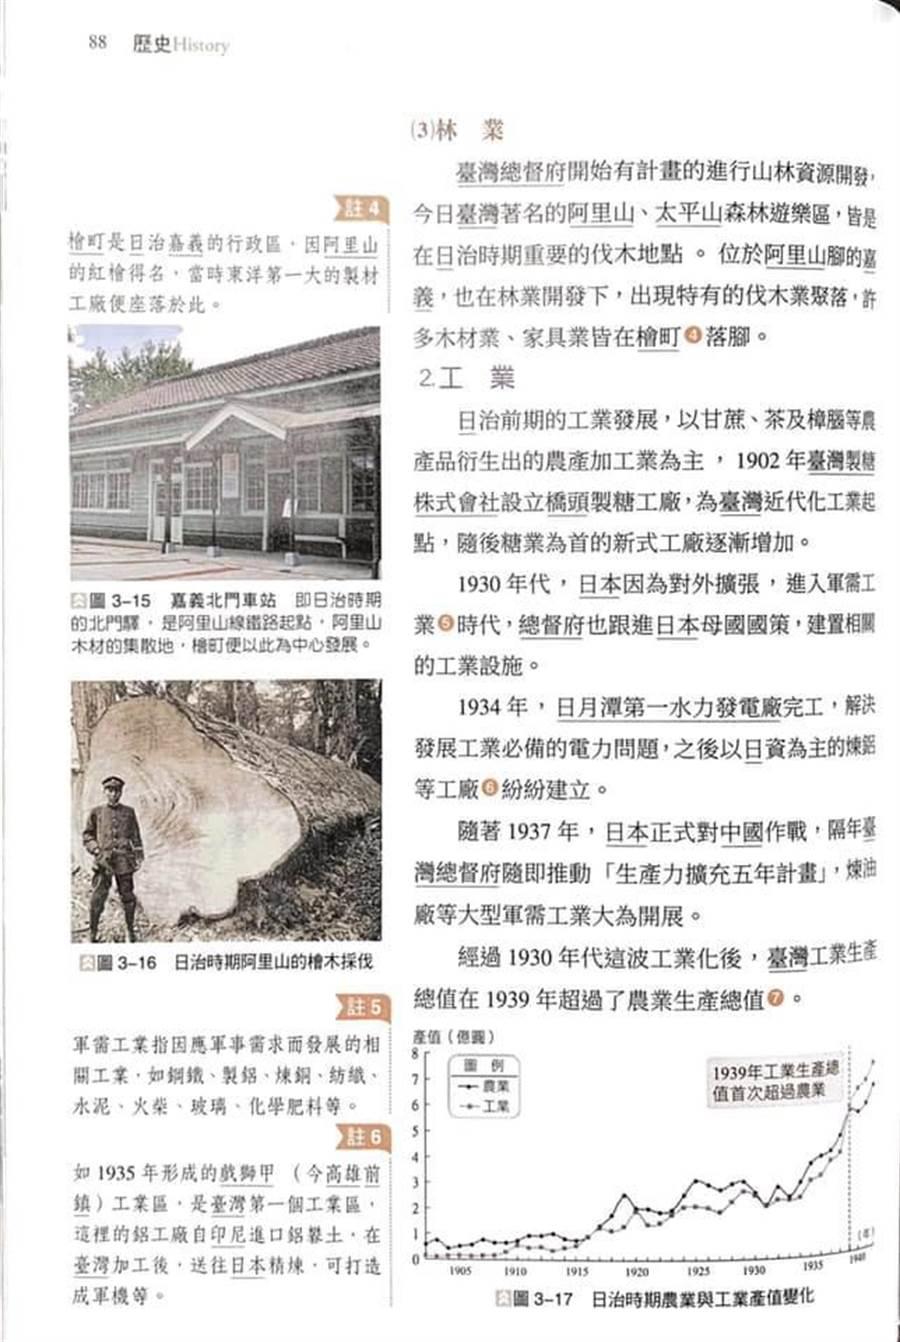 天富:湾历史课本中称日本母国学天富者批台独教图片